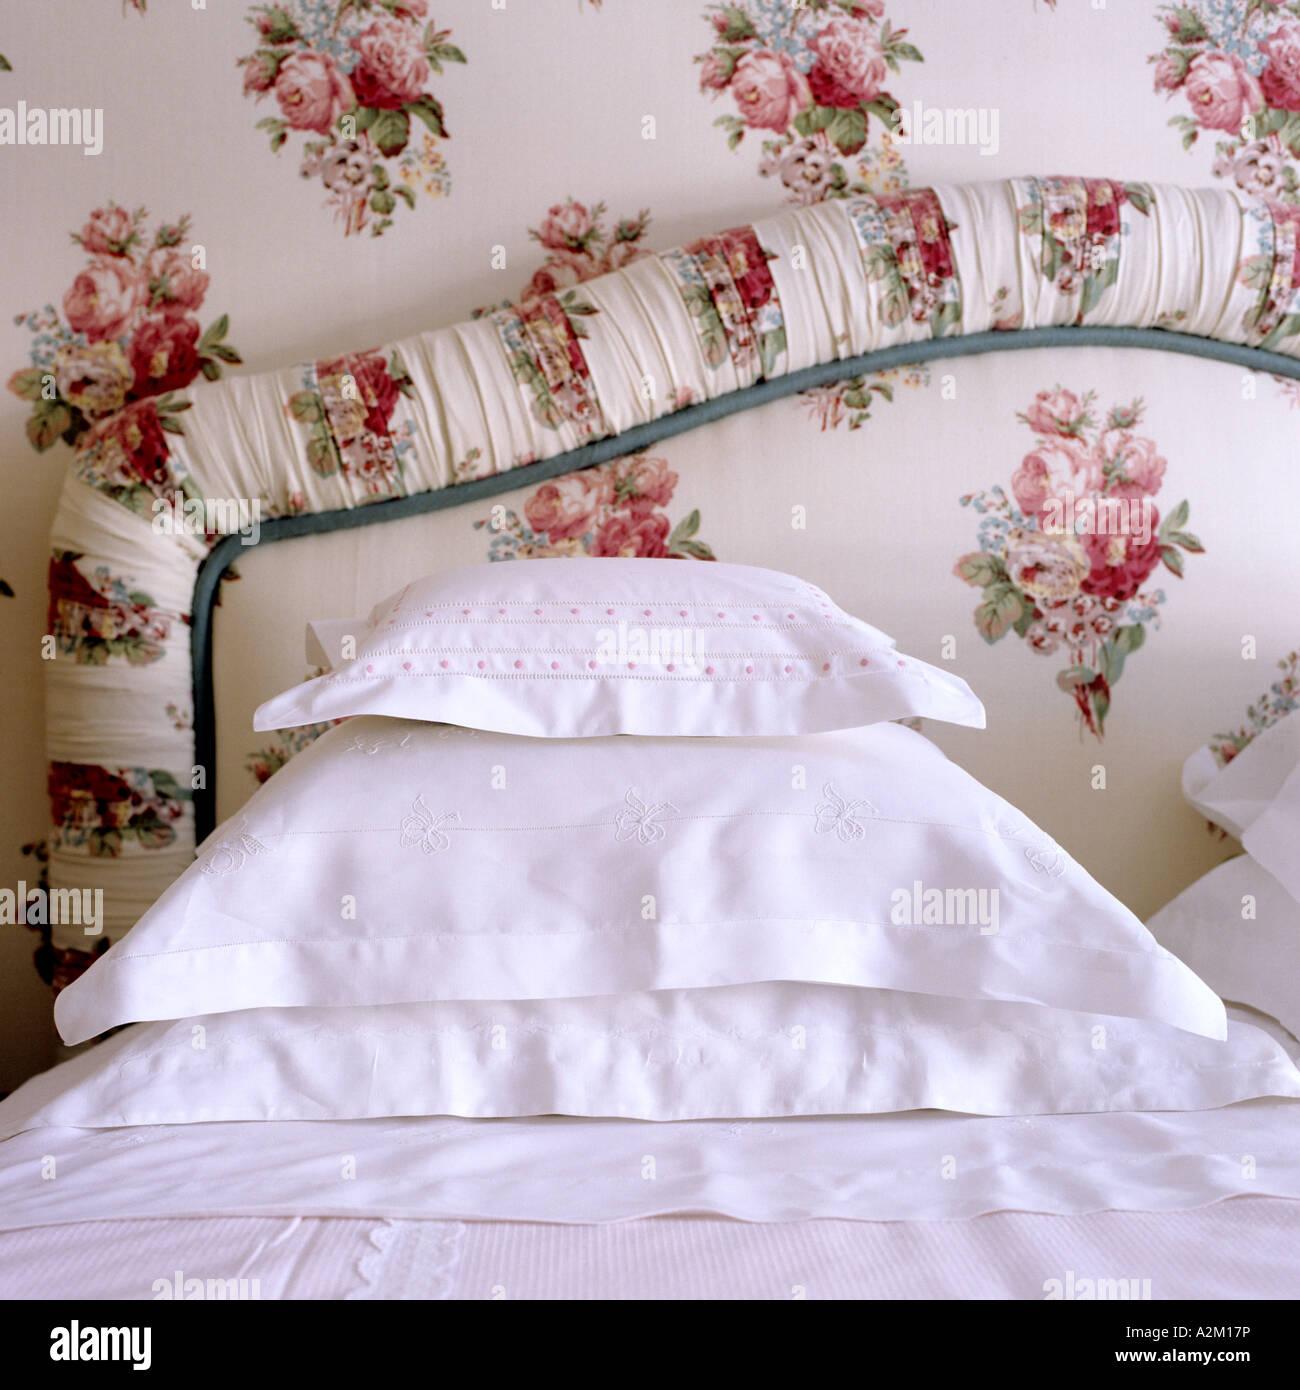 Cotton immagini cotton fotos stock alamy - Testa del letto ...